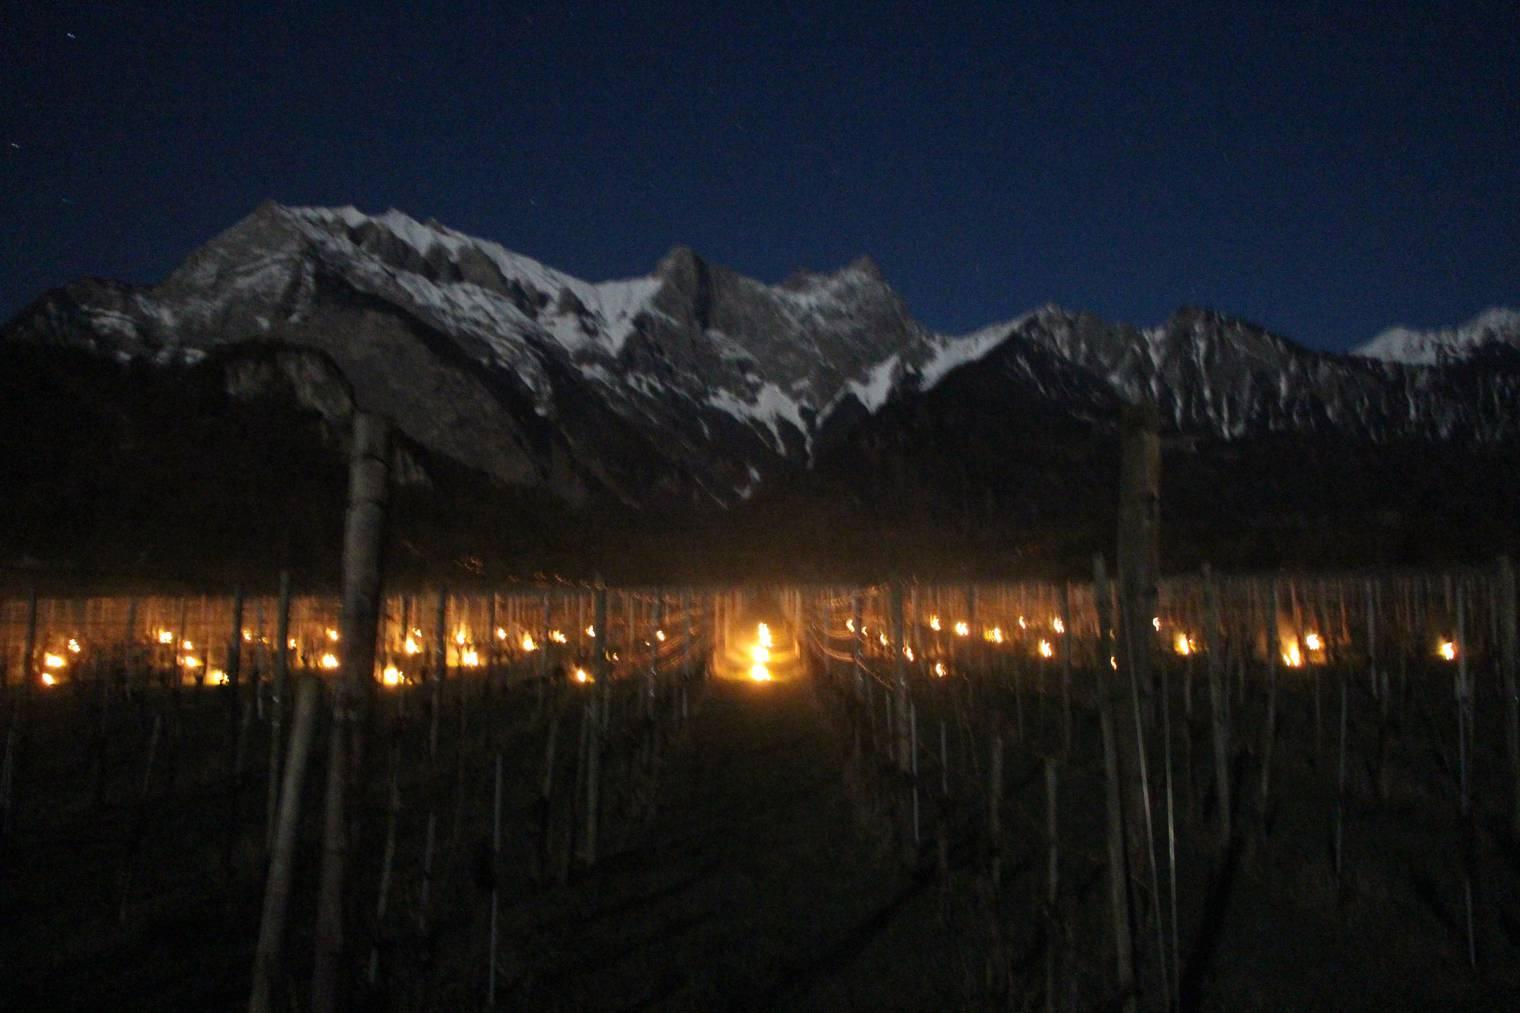 Anfangs war noch alles in Ordnung: 300 brennende Bricketts und der Falknis, der über sie wacht (Bild: FM1Today / Dario Cantieni)